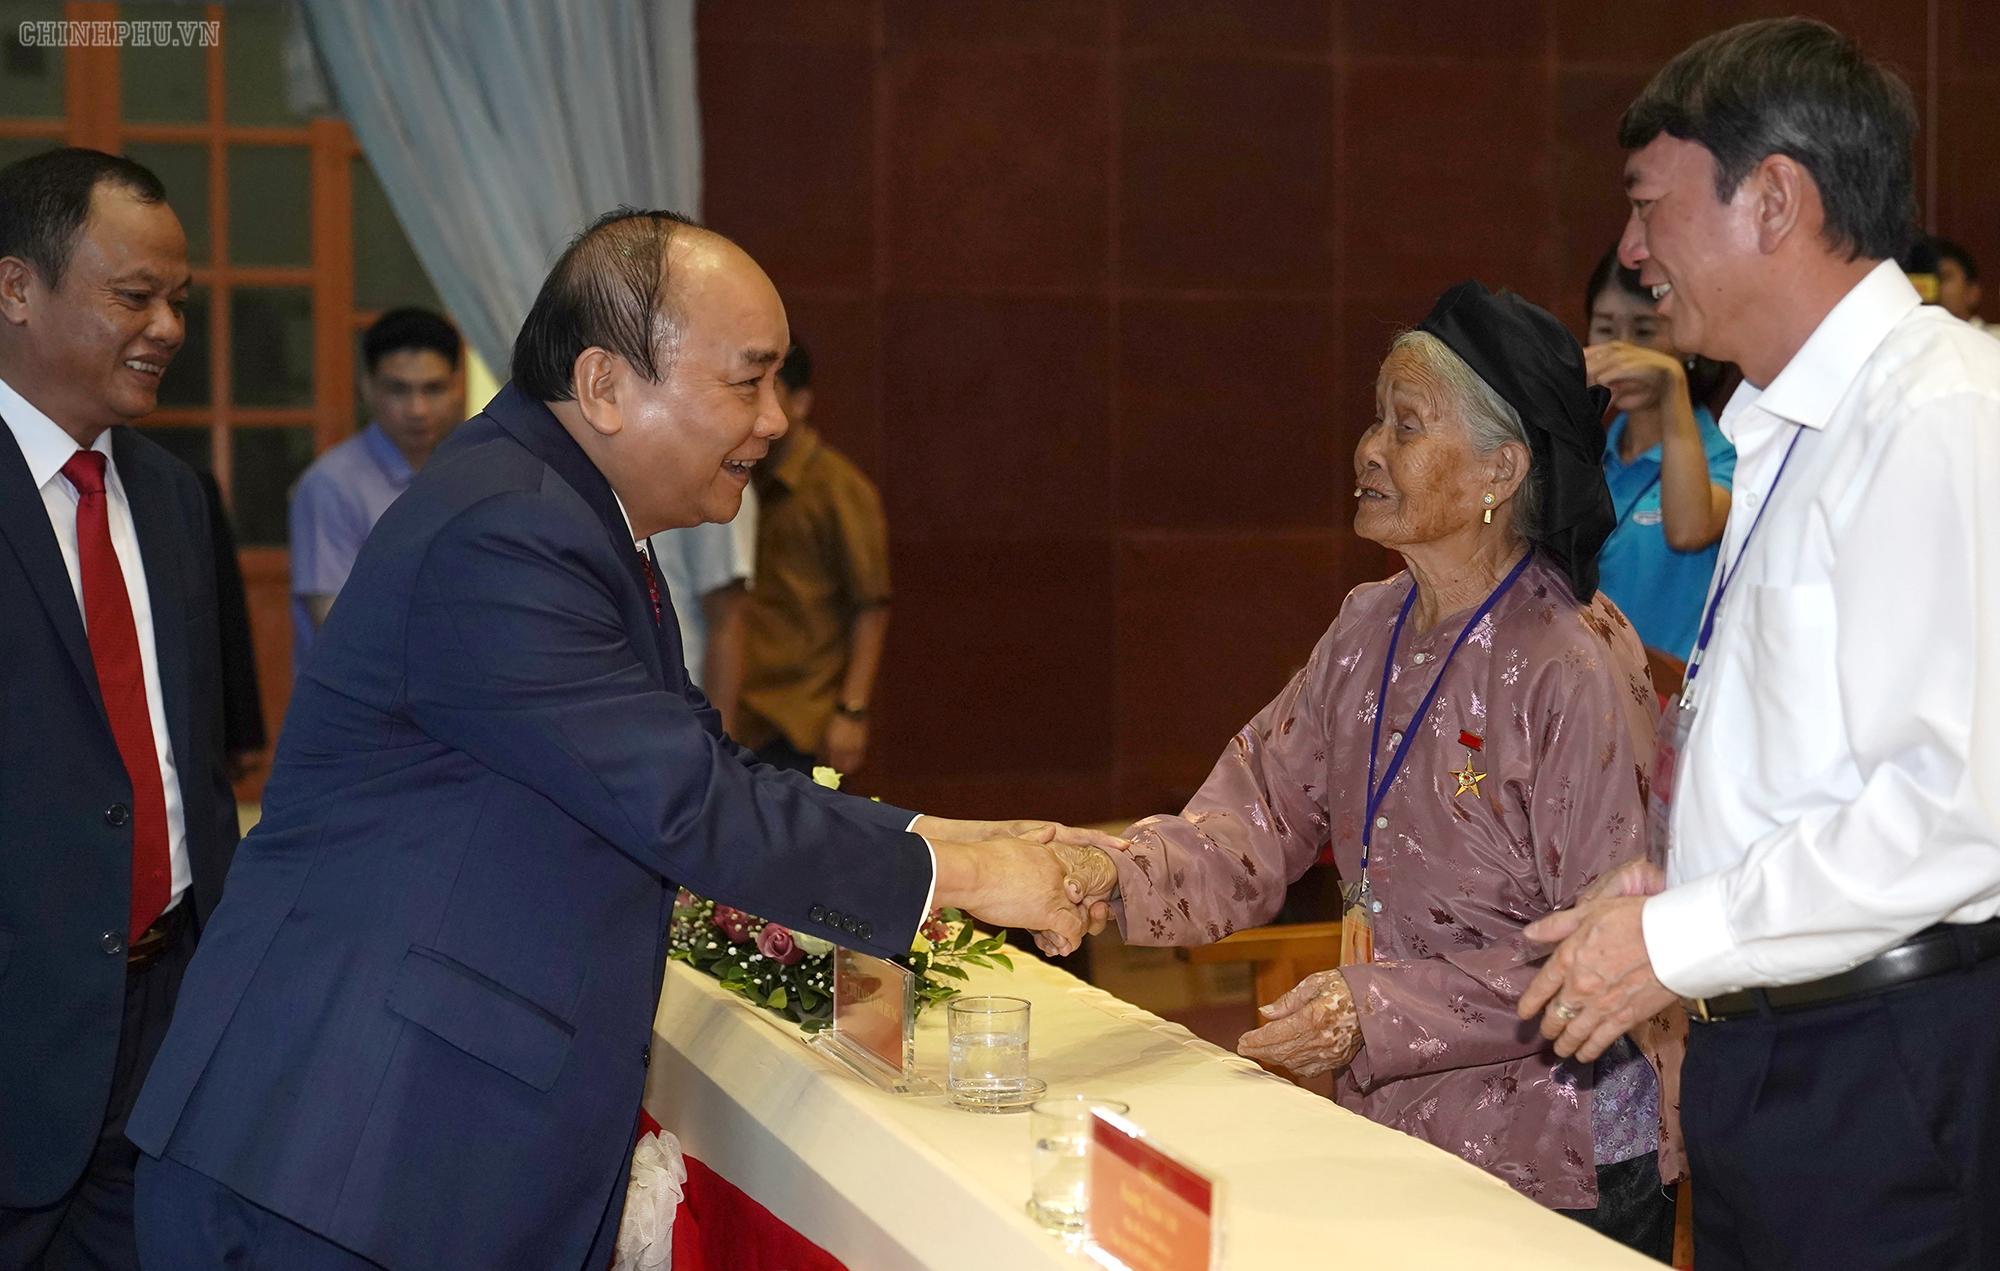 thu tuong bac kan can phan dau tro thanh dia phuong phat trien kha